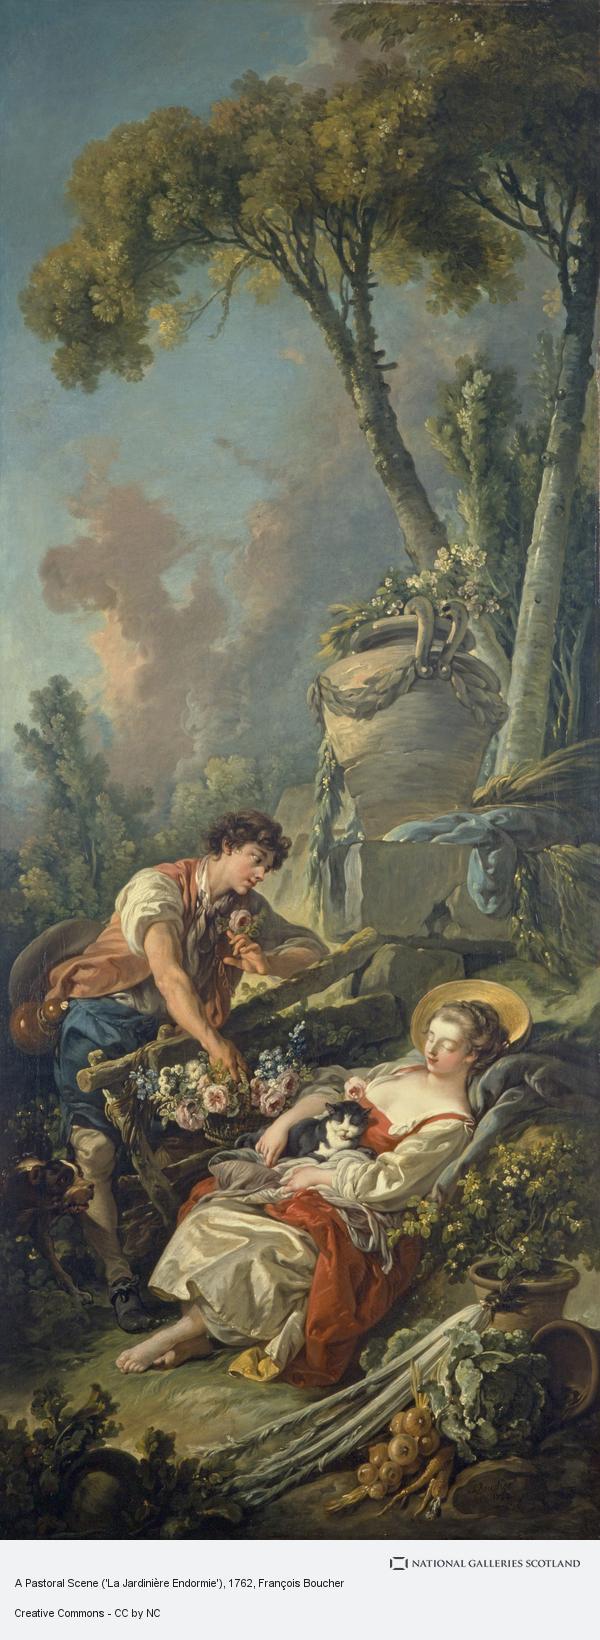 François Boucher, A Pastoral Scene ('La Jardinière Endormie')